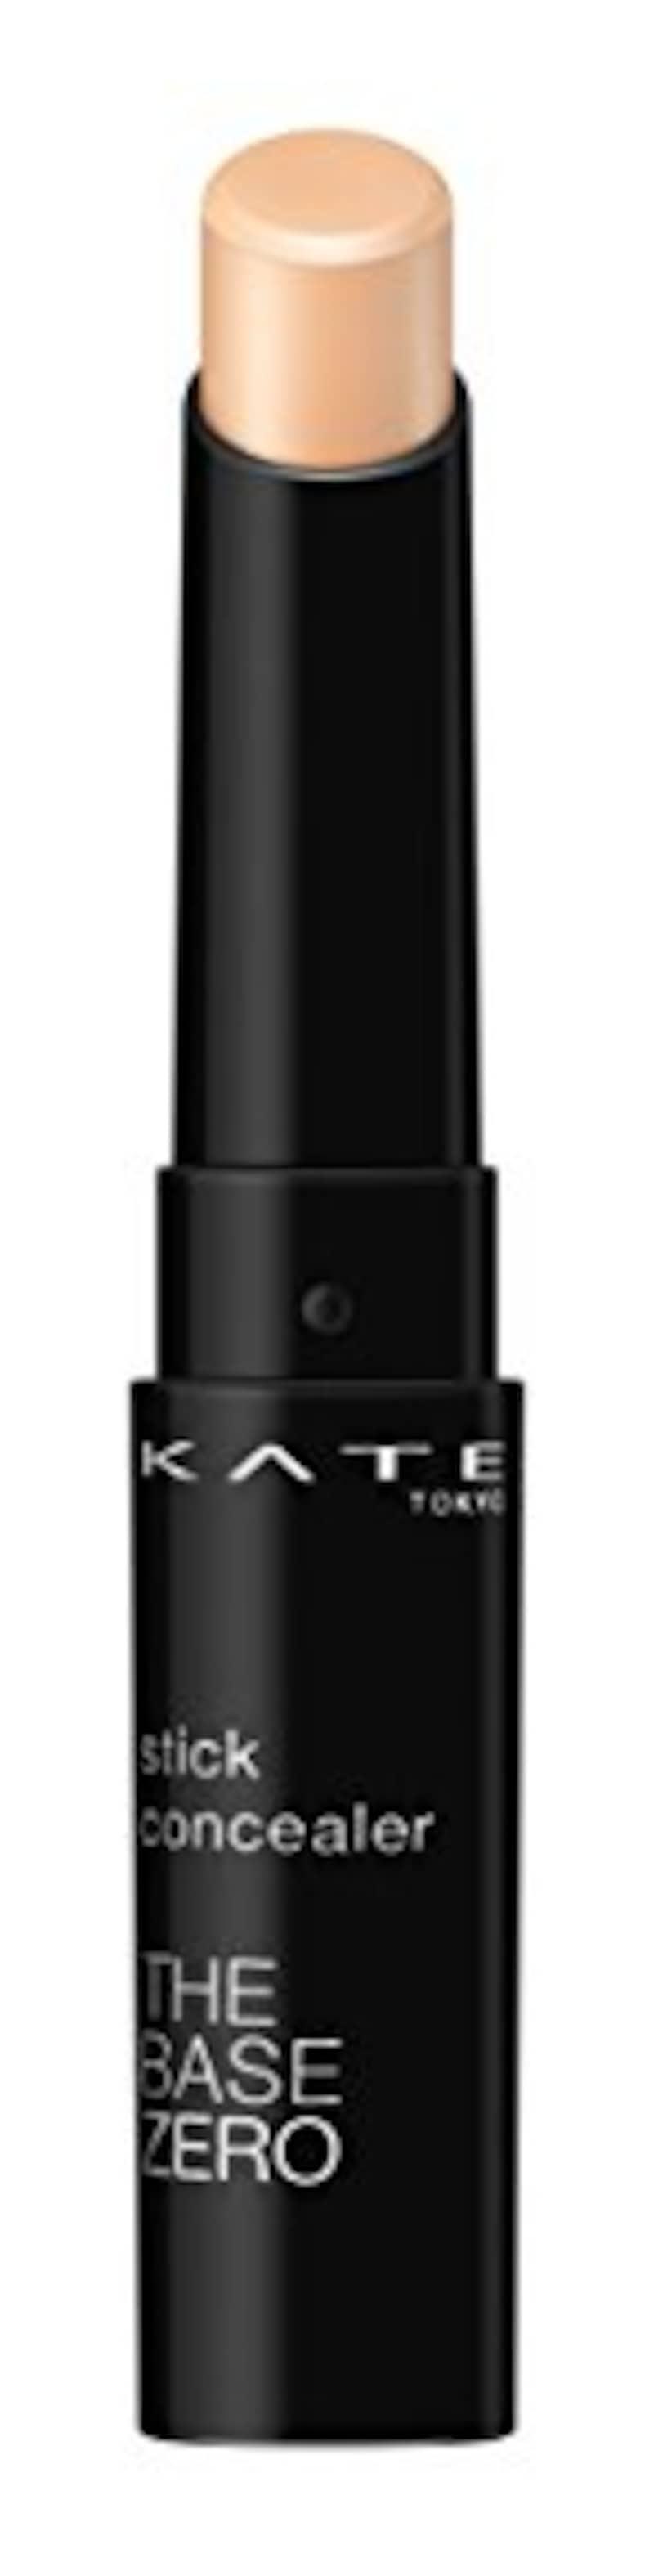 カネボウ化粧品,KATE(ケイト)スティックコンシーラーA